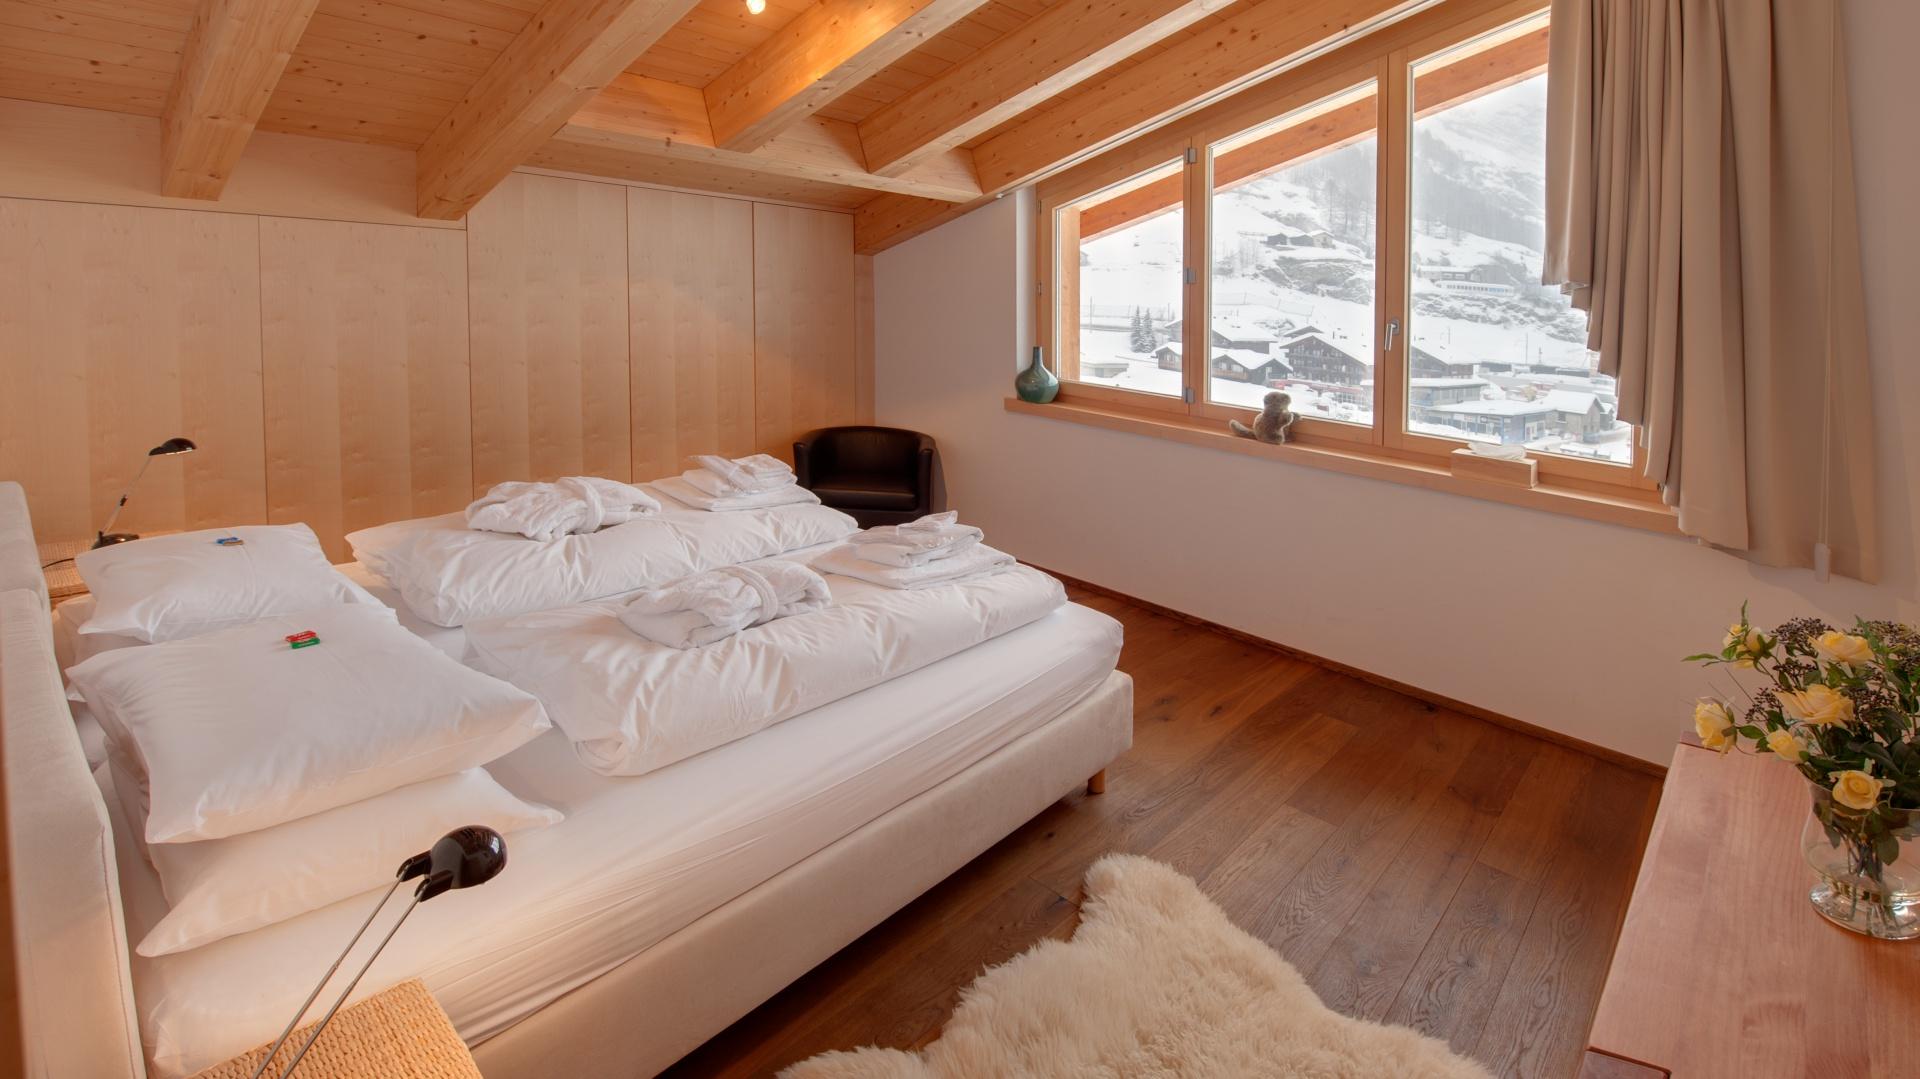 Drewniana podłoga, ściany i sufit tworzą przytulne wnętrze, które doskonale współgra z pięknym krajobrazem. Fot. Chalet Zeus/Alpine Guru.